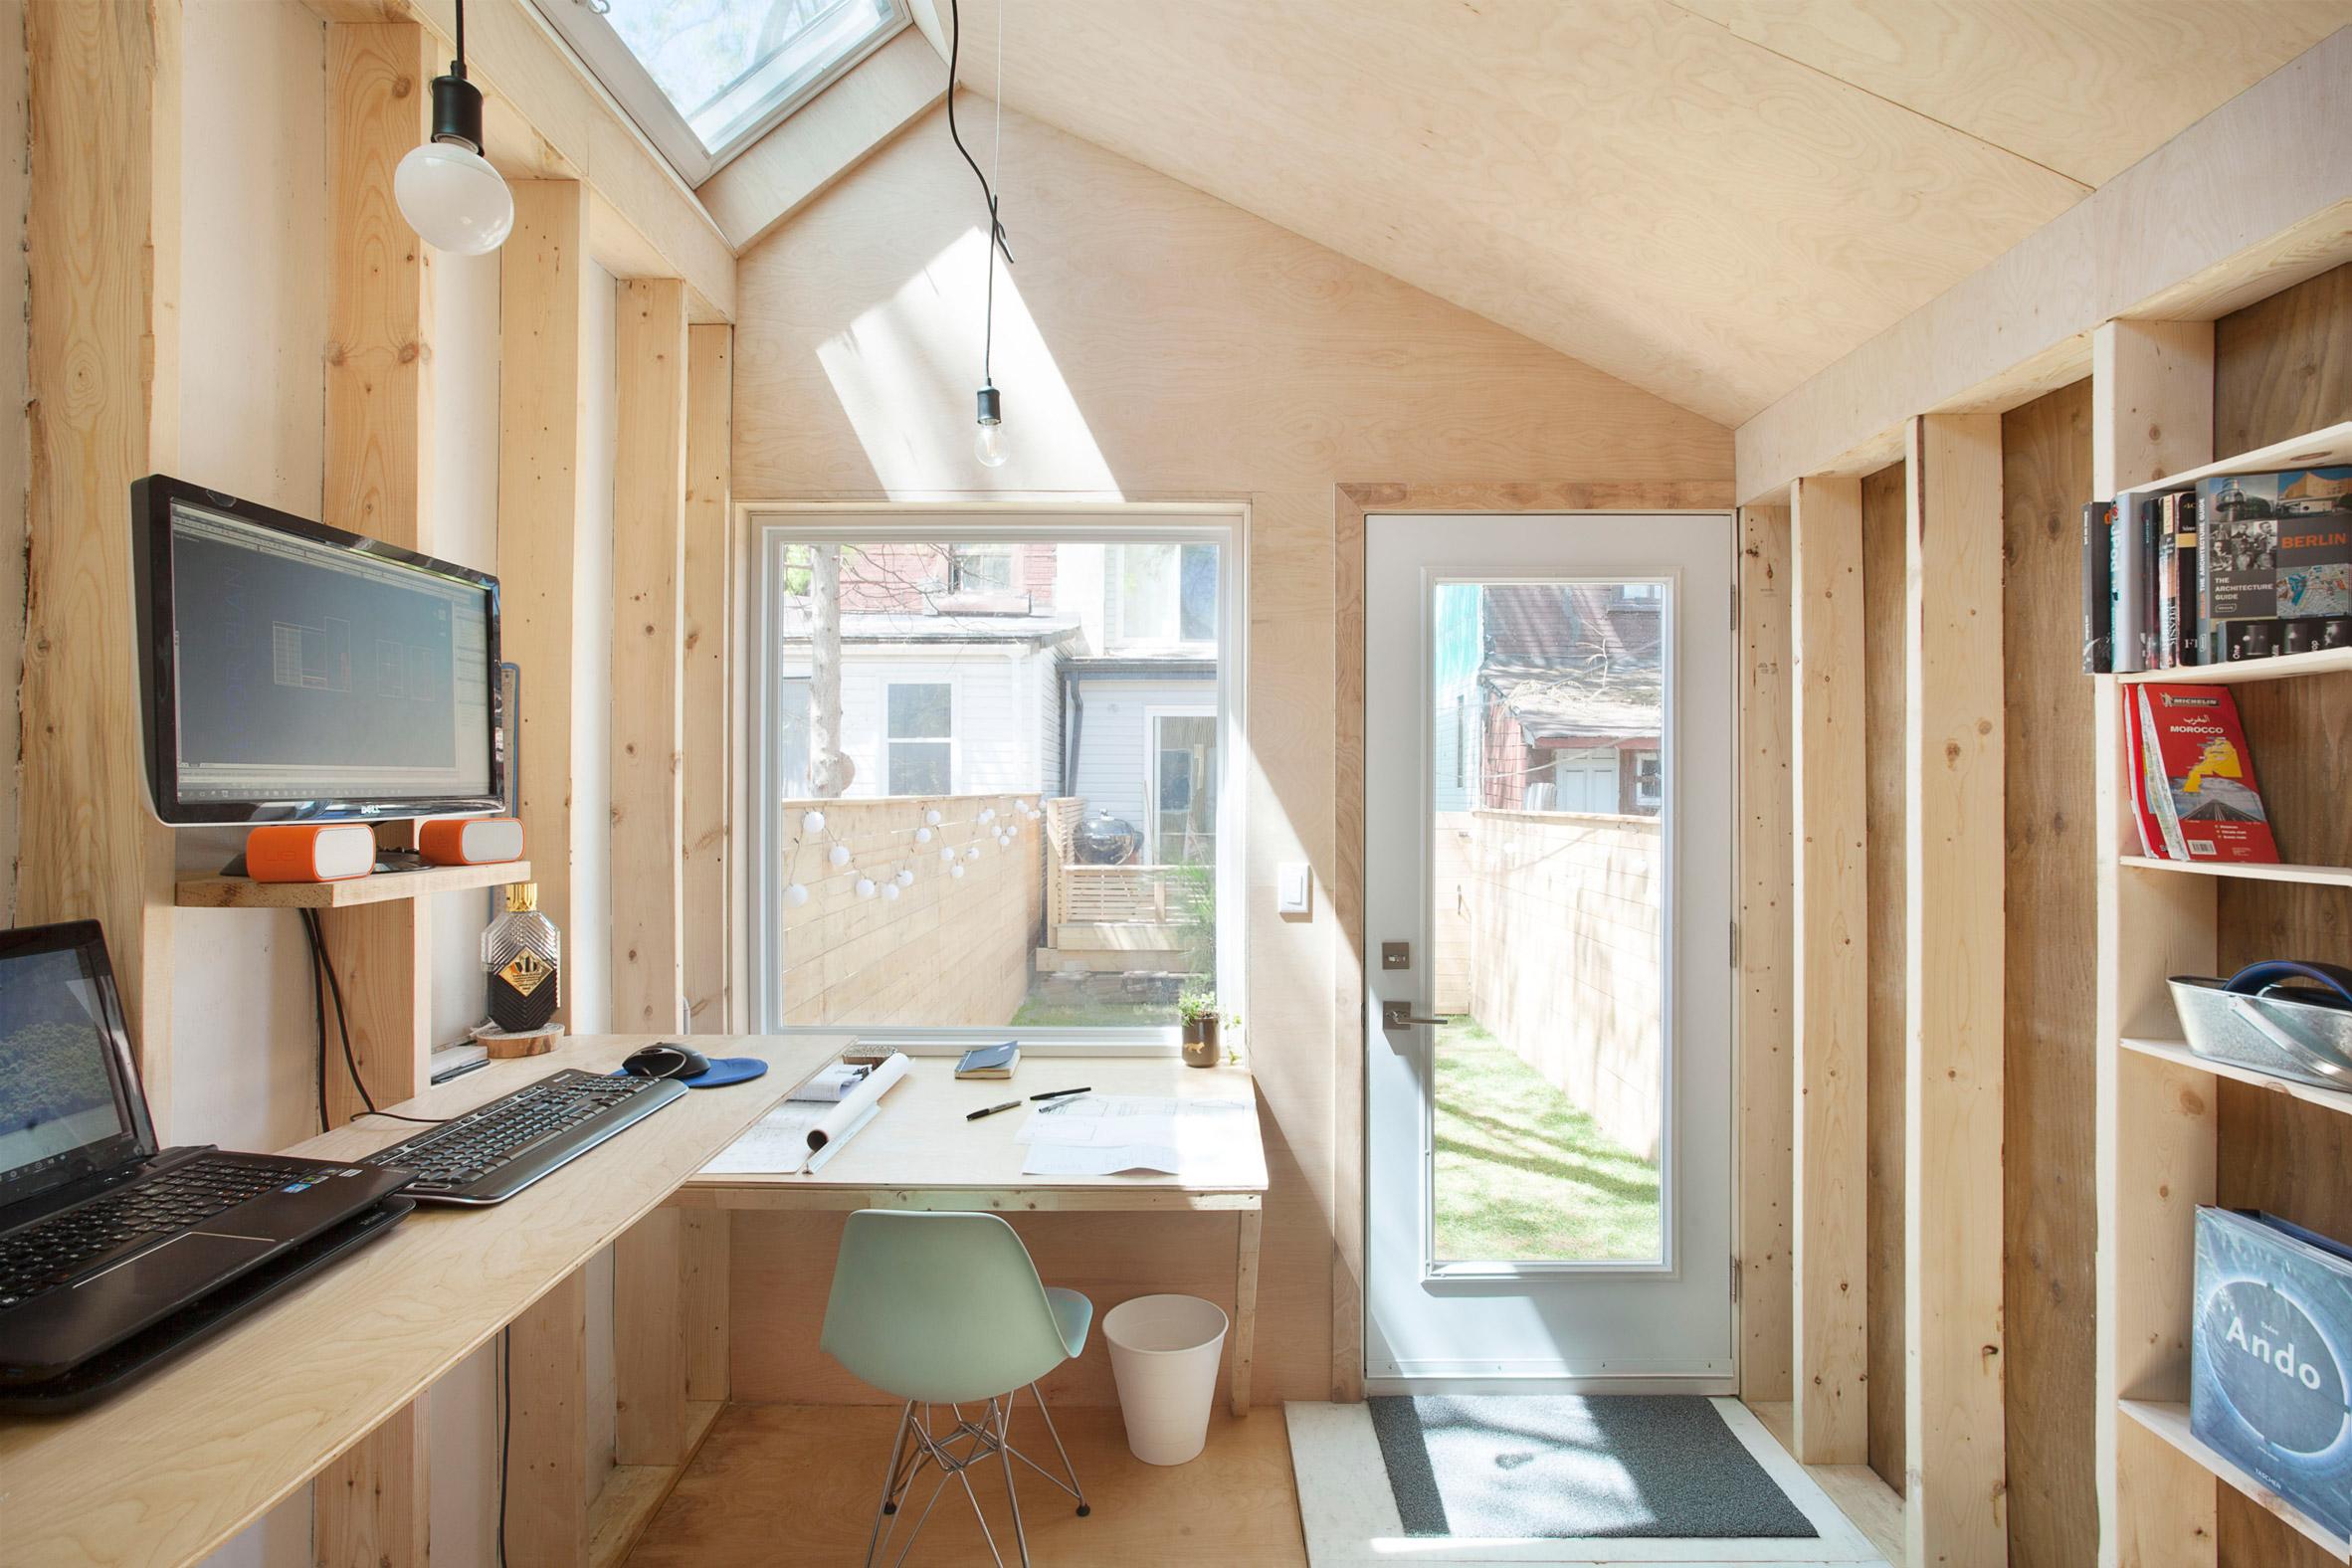 Mẫu nhà gỗ nhỏ đẹp 2